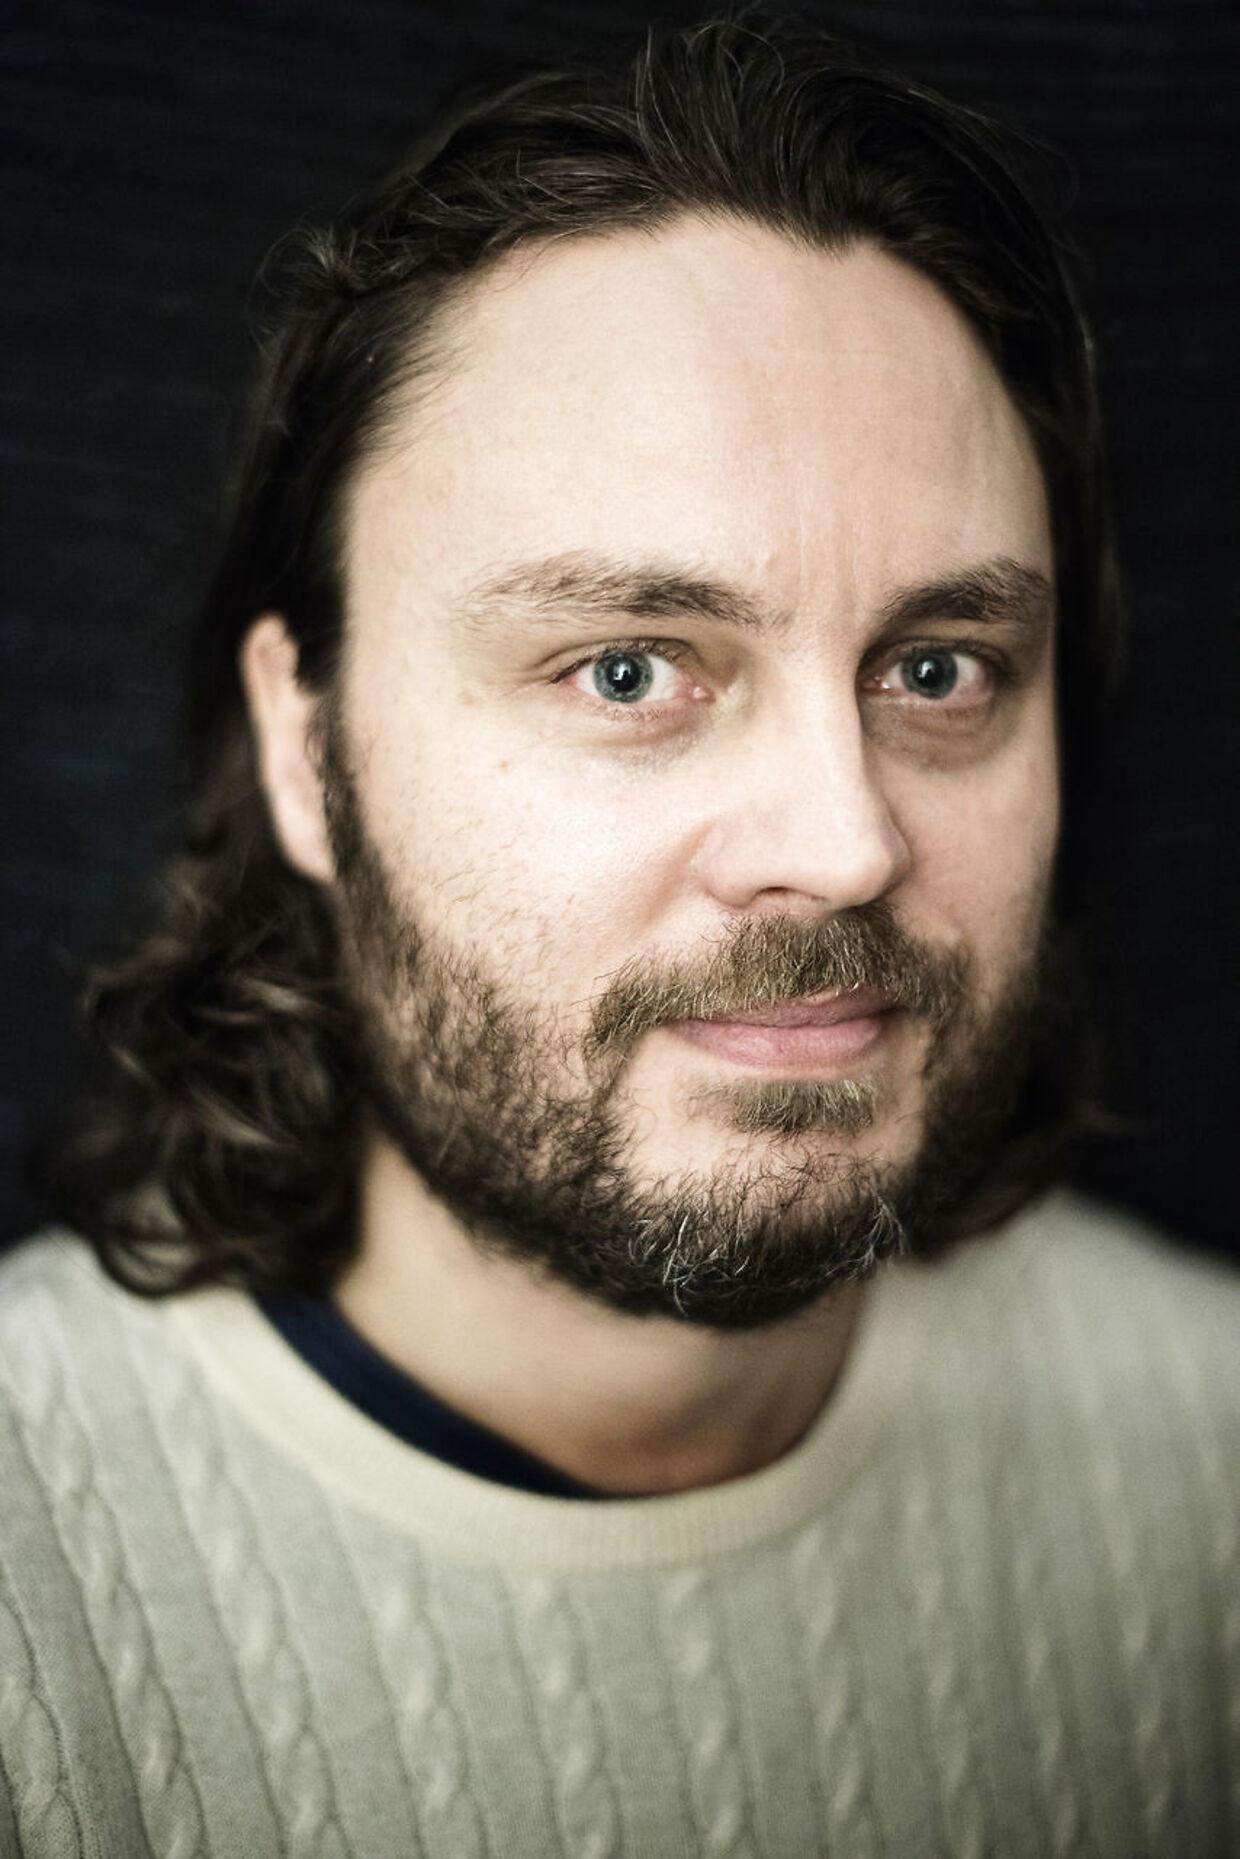 Per Brændgaard har udviklet krammemeditation. Fotograferet i sin lejlighed med journalist Jens Mouvielle som meditationsmakker fredag den 30. oktober 2015.